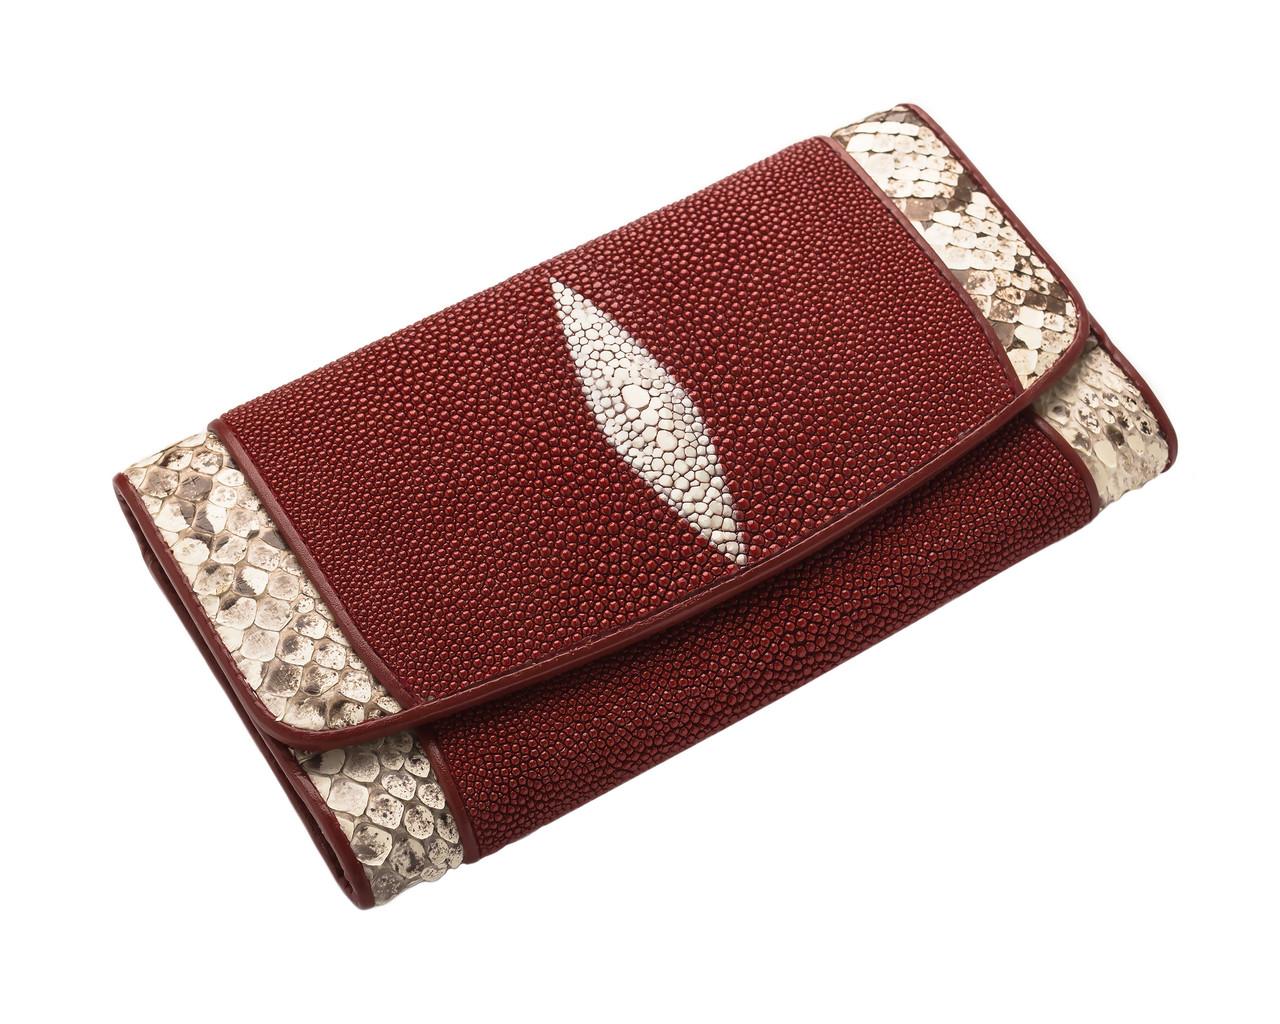 Гаманець зі шкіри ската з пітоном Ekzotic Leather Бордовий ( stw 114)